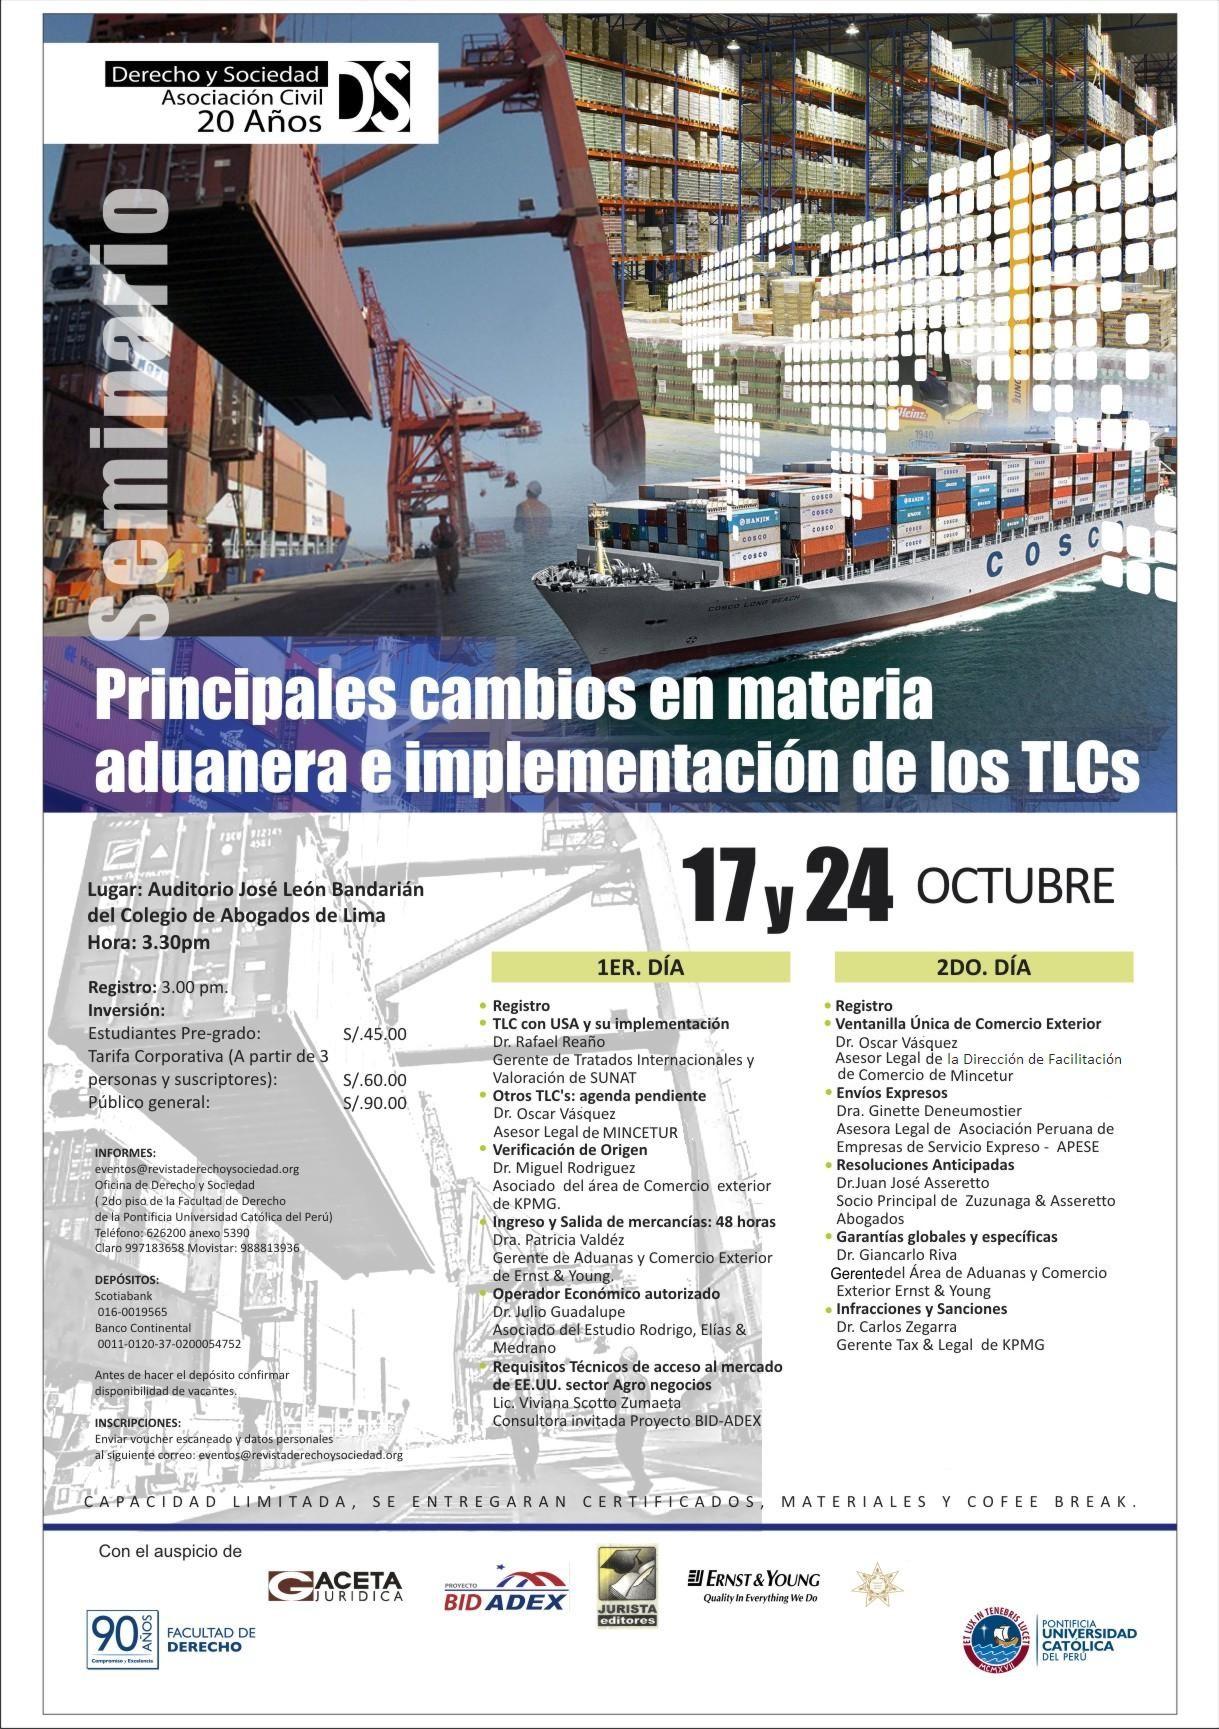 Principales Cambios en Materia Aduanera e Implementación de los TLCs